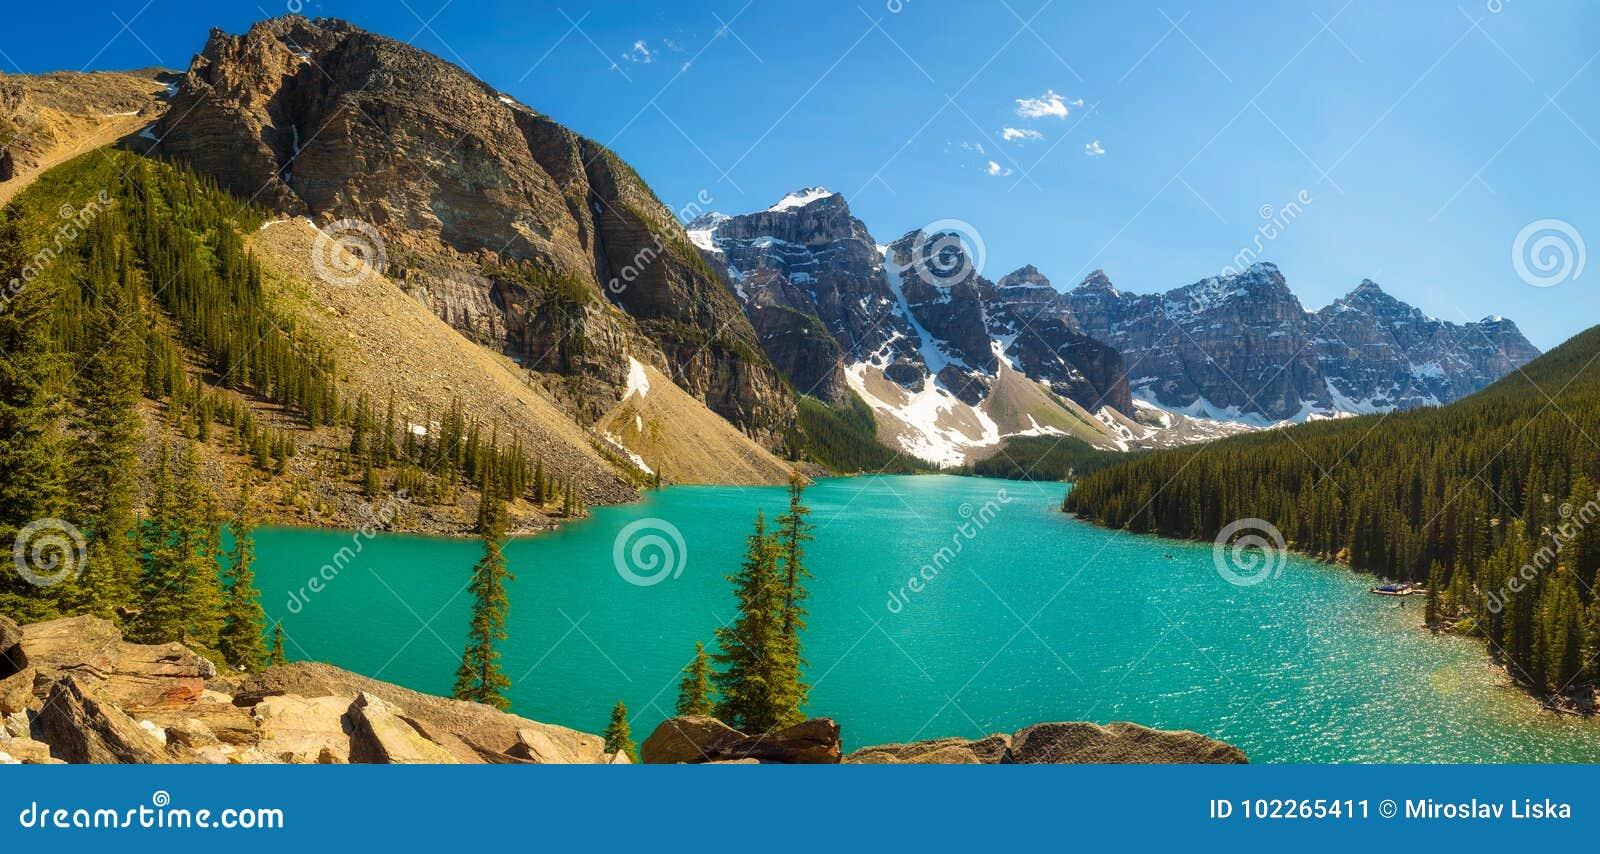 Ηλιόλουστη ημέρα στη λίμνη Moraine στο εθνικό πάρκο Banff, Αλμπέρτα, Καναδάς